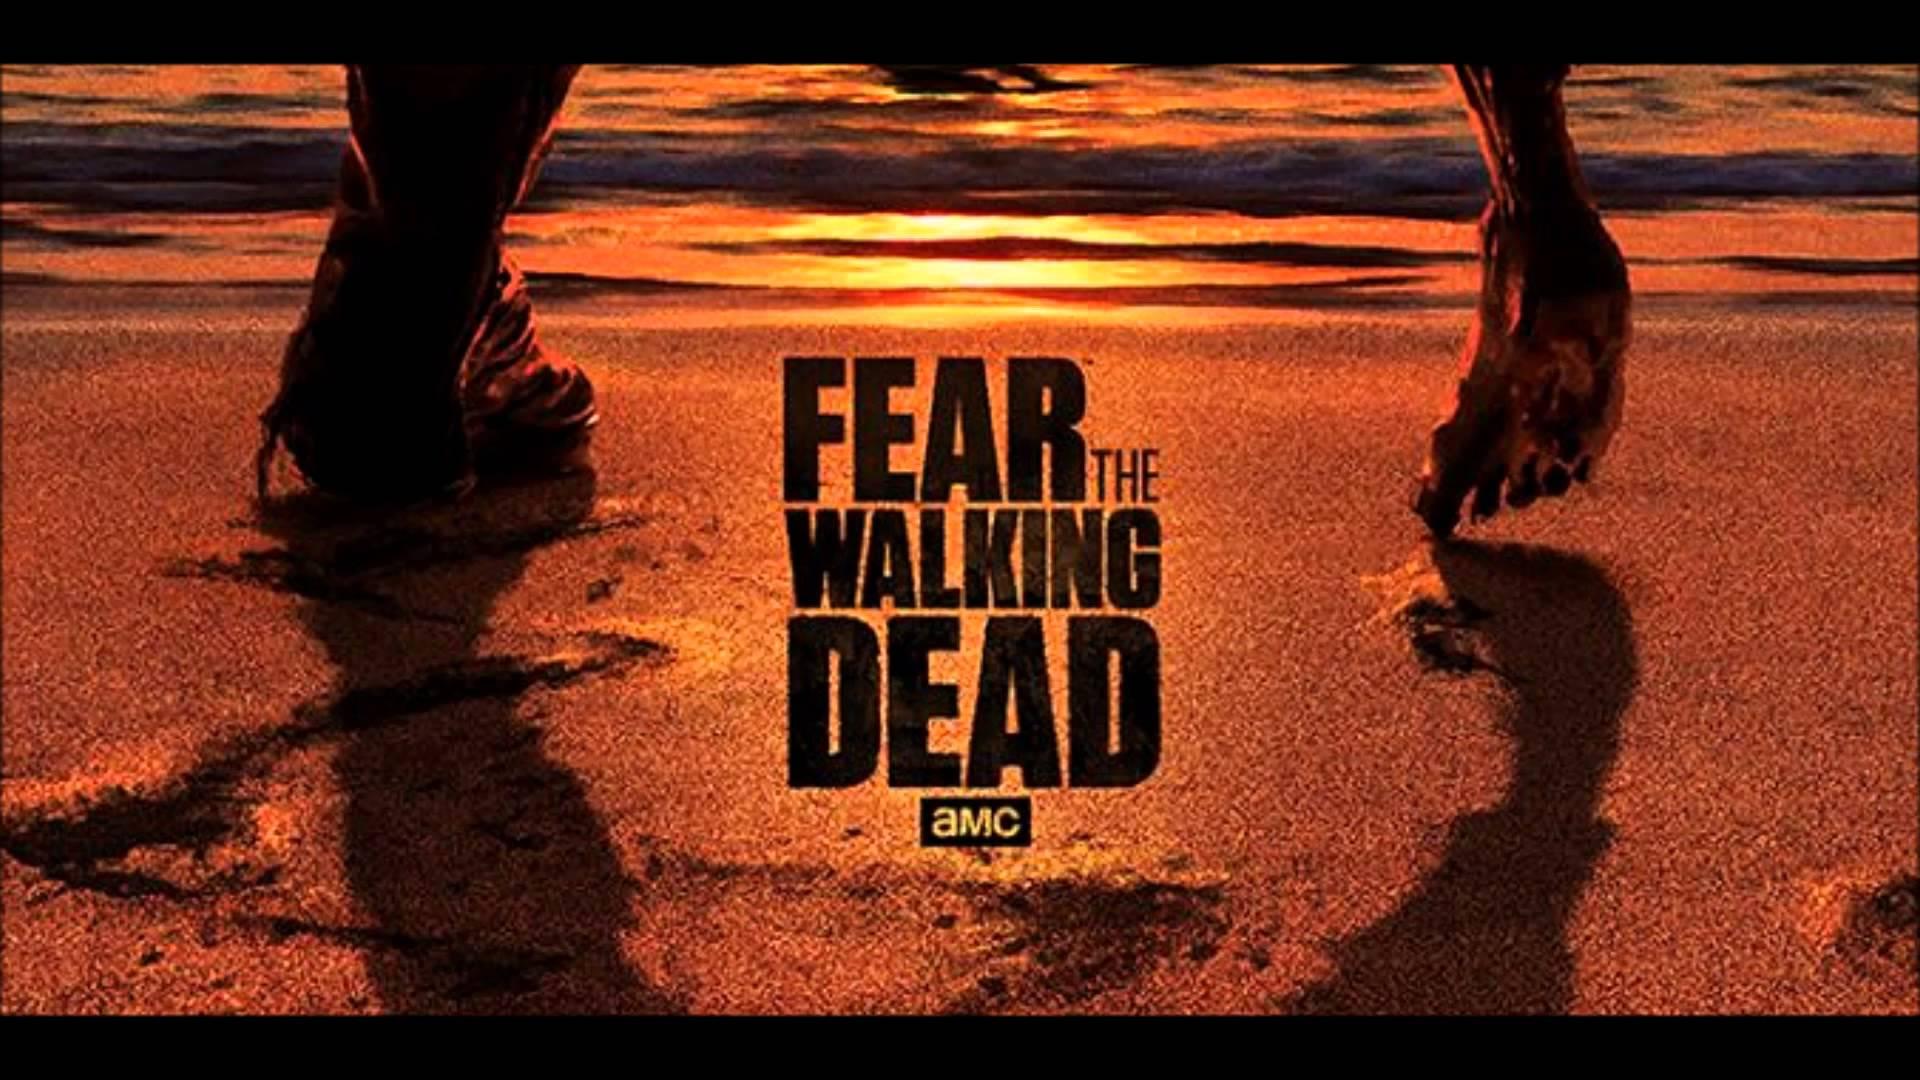 Fotos promocionales de Fear The Walking Dead presentan nuevos personajes